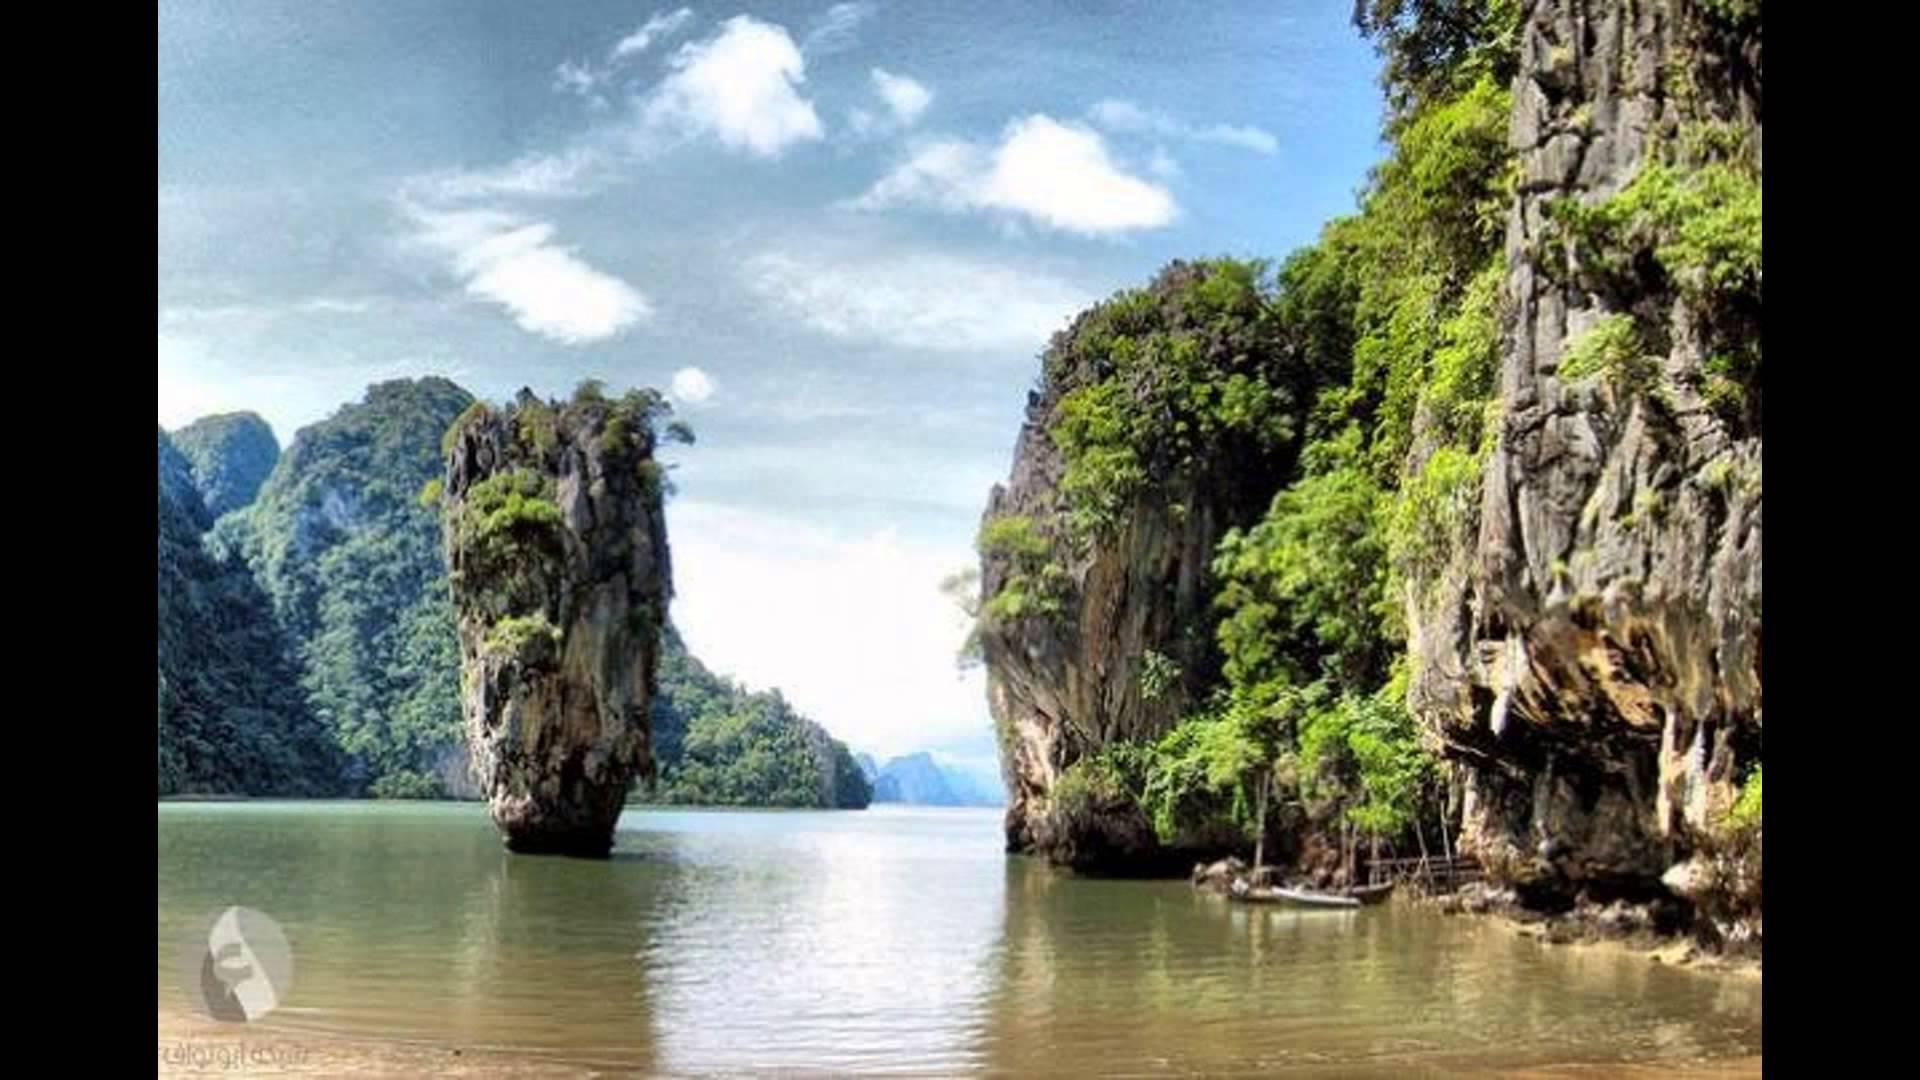 بالصور اجمل الاماكن في العالم , شاهد تشكيلة من روعة من اجمل مناطق العالم 3668 5